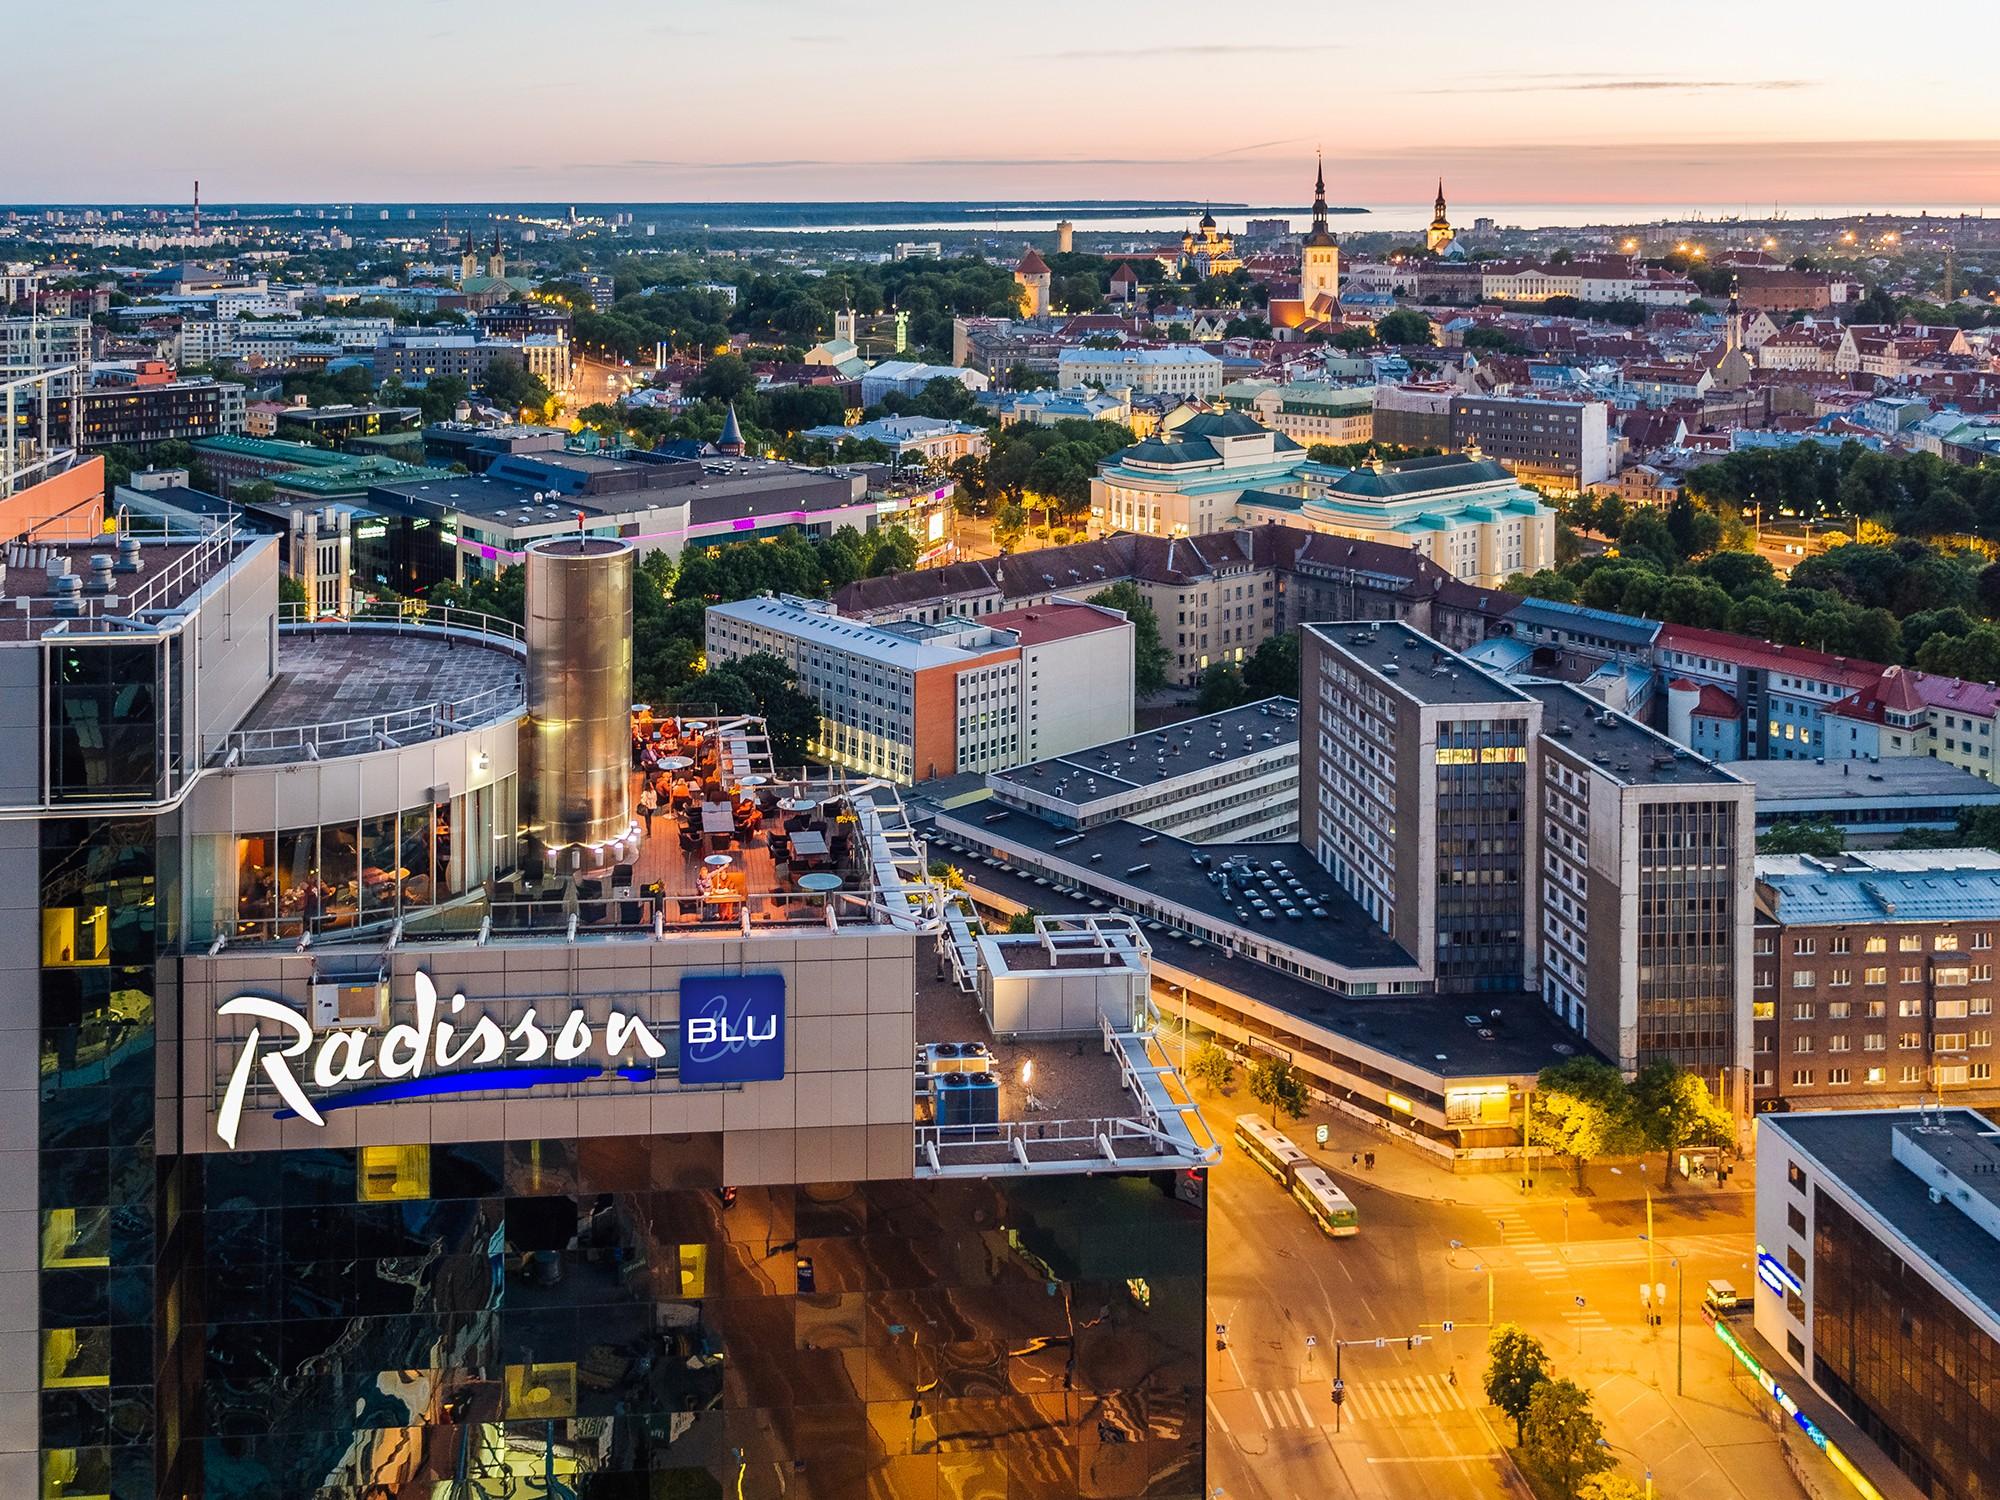 Radisson Blu Sky Tallinn